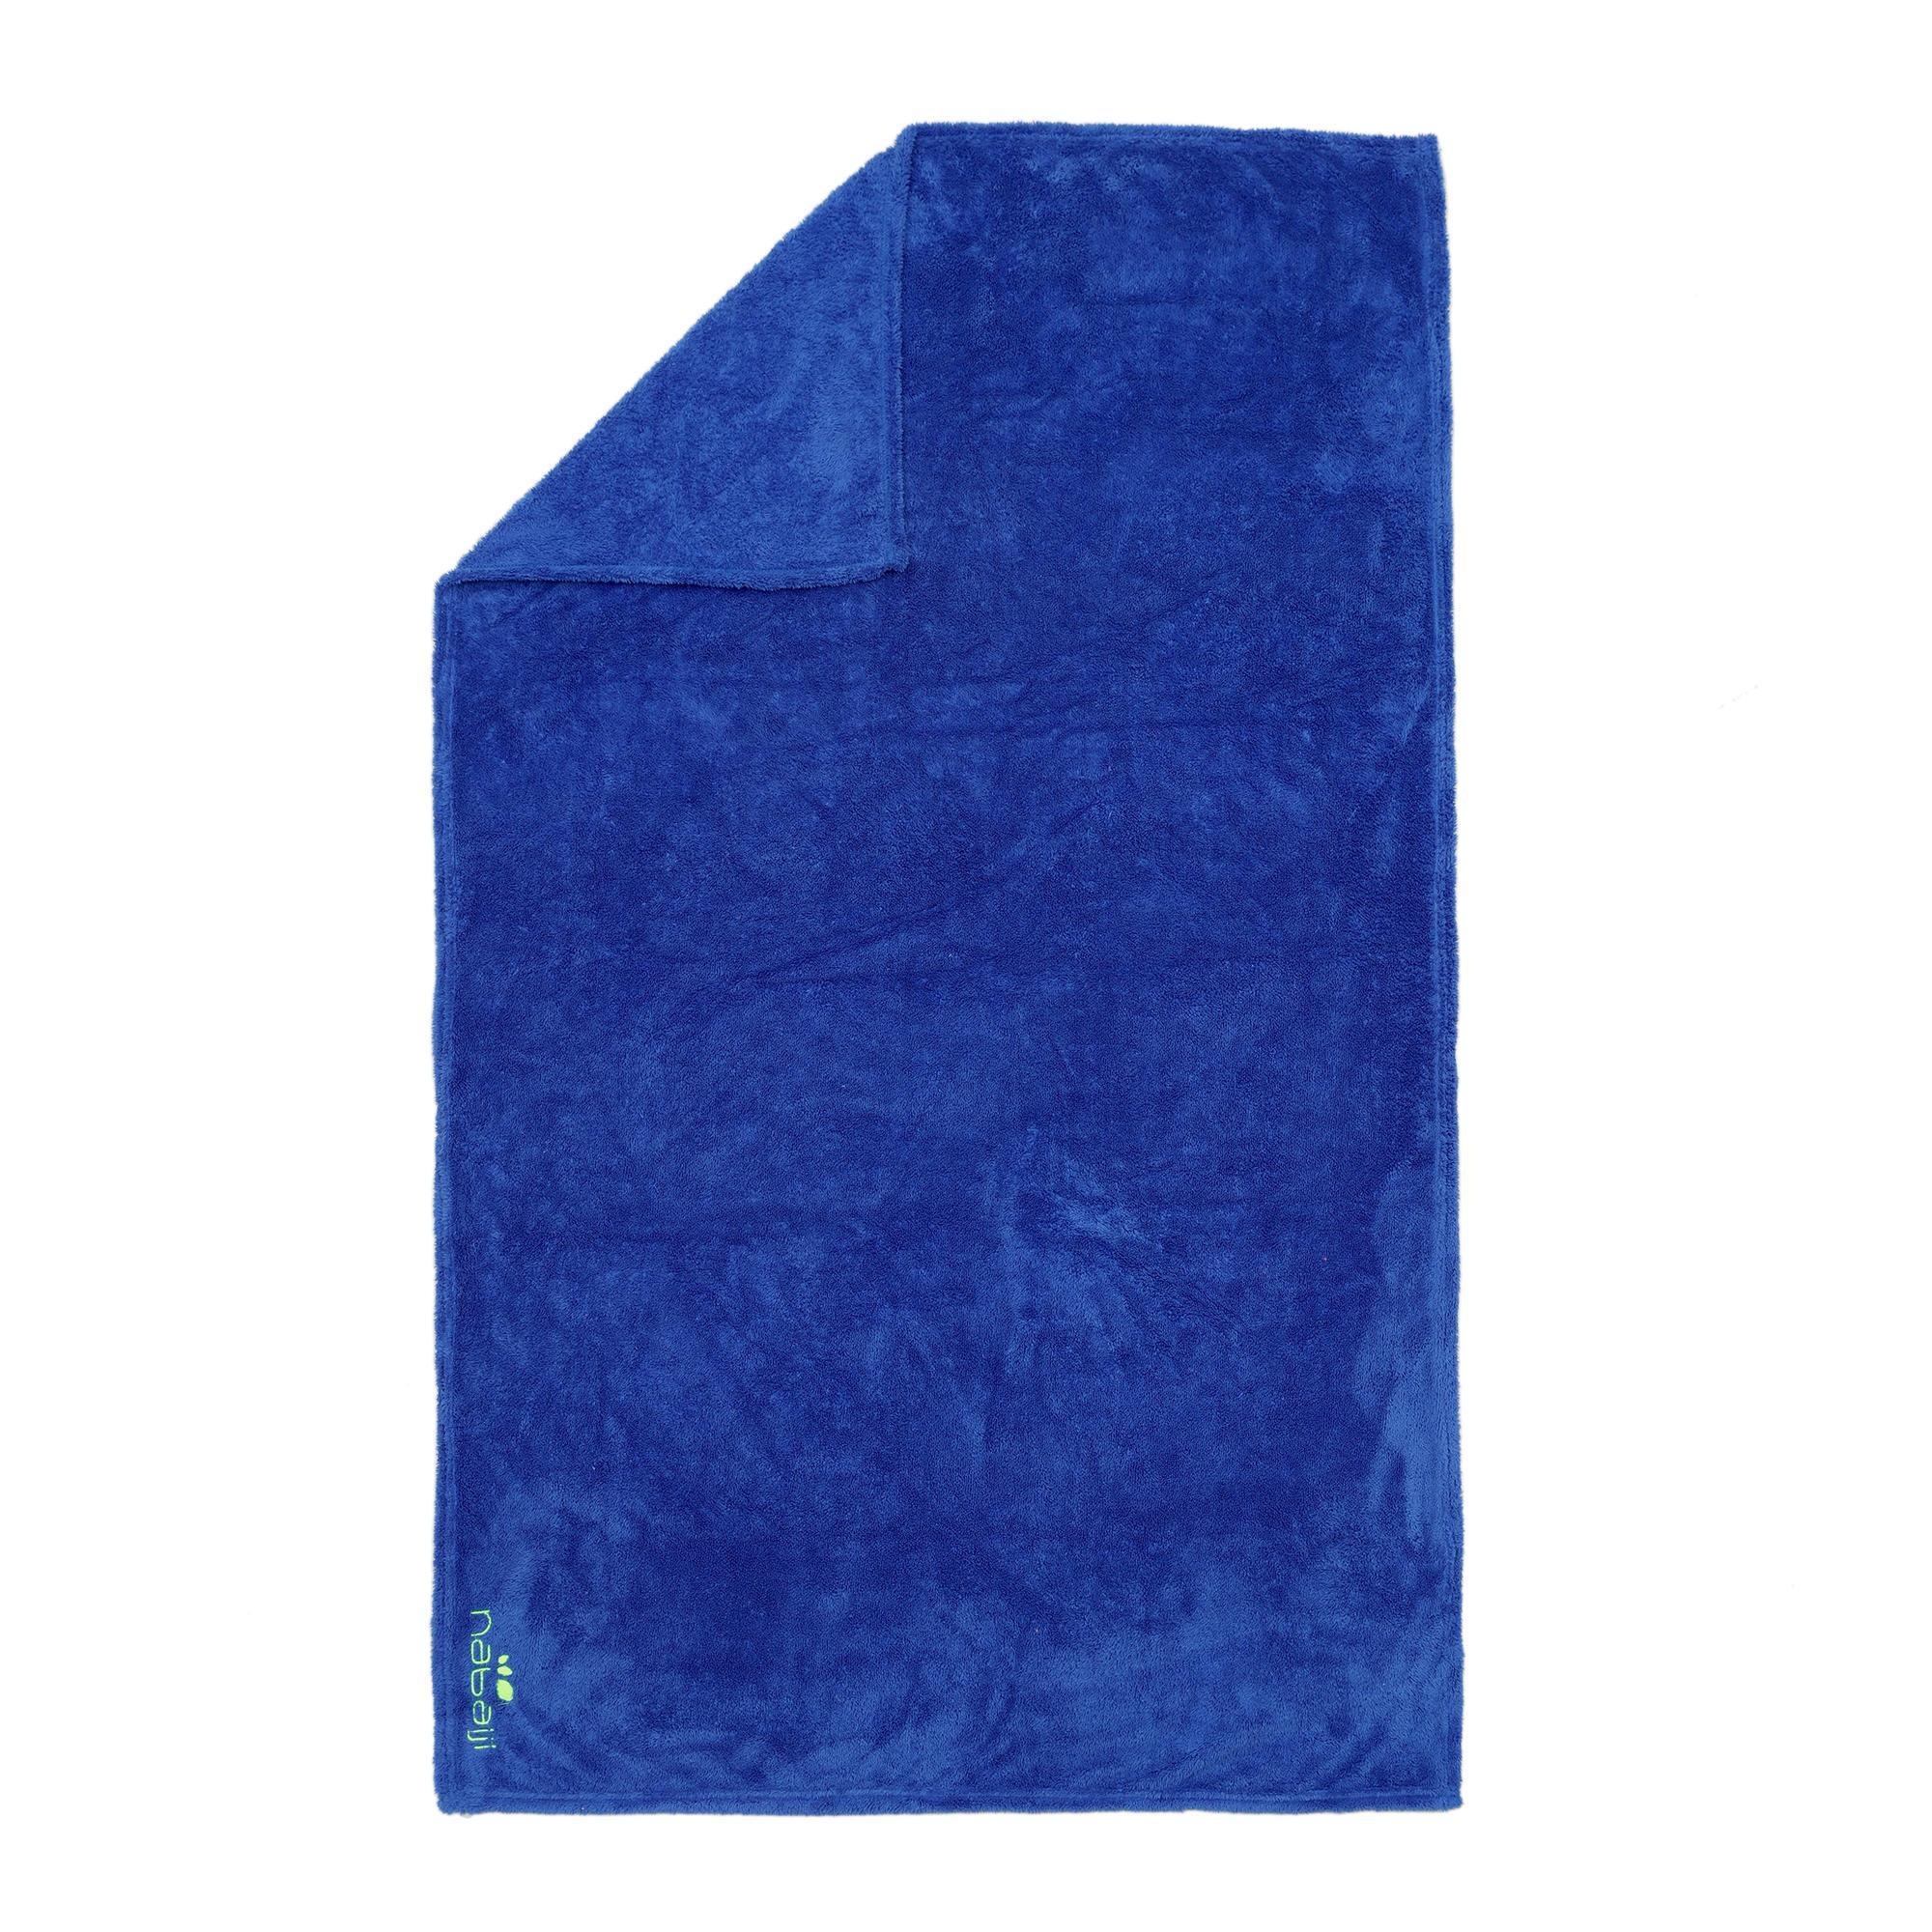 Nabaiji Zachte microvezelhanddoek blauw XL kopen? Sport>Handdoeken>Zwemhanddoeken met voordeel vind je hier